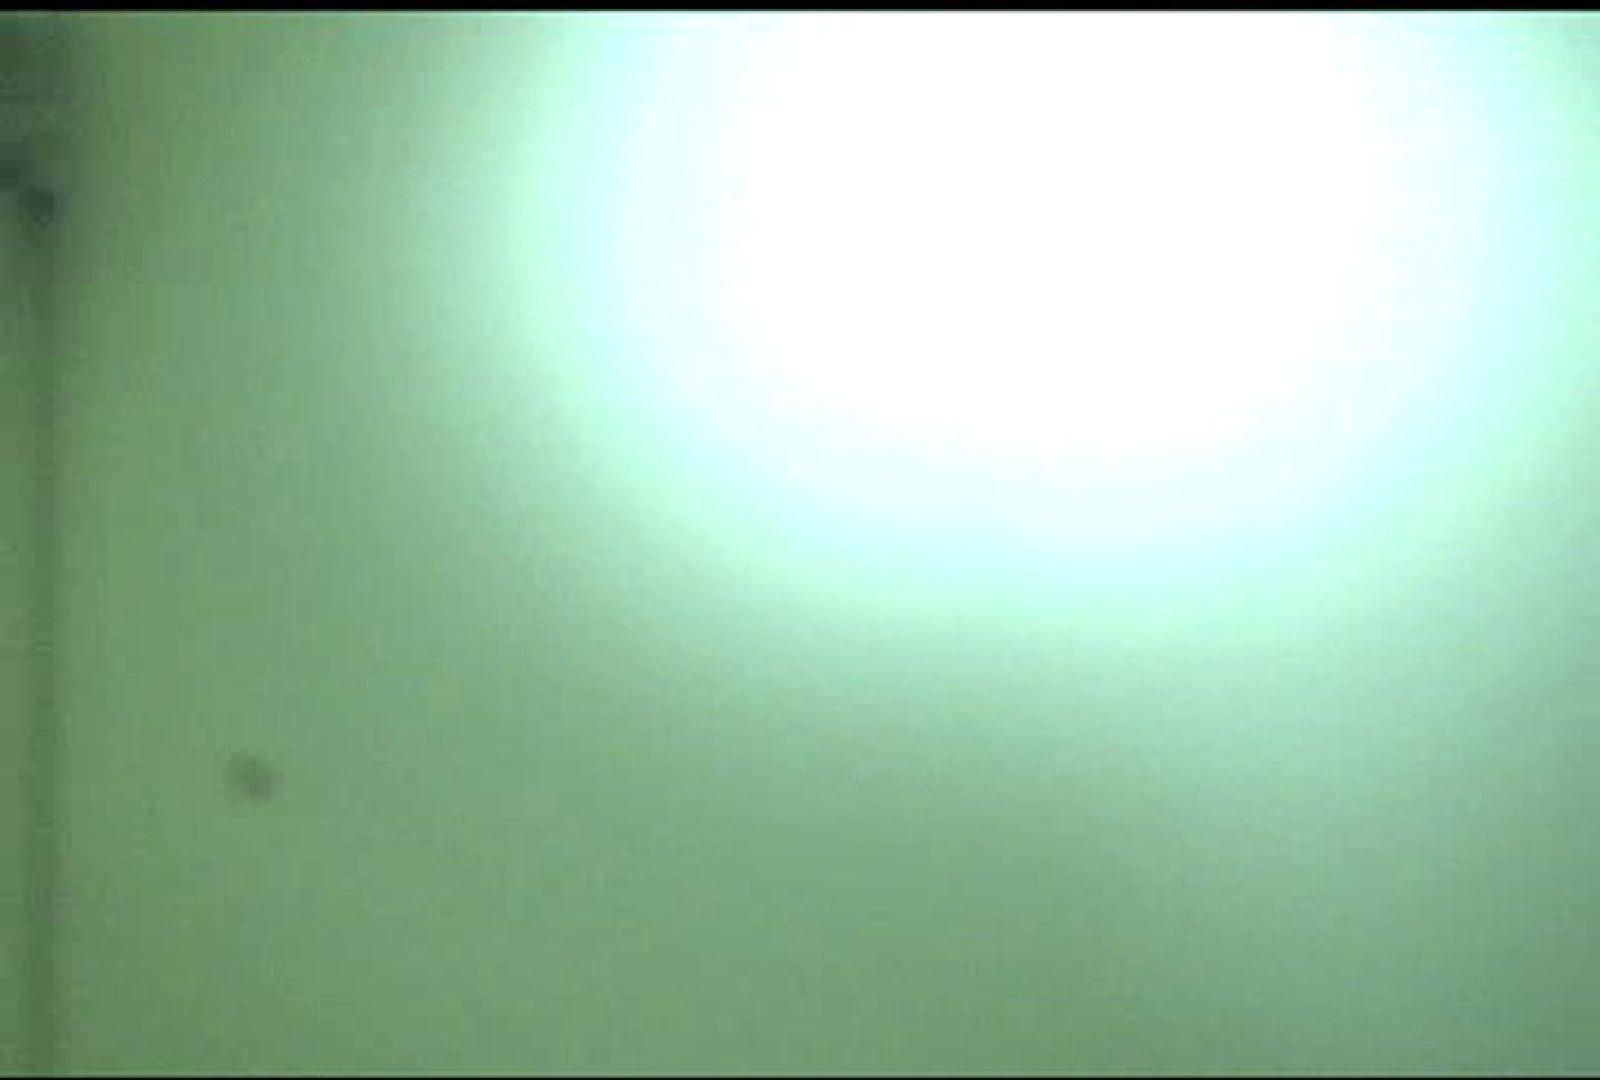 マンコ丸見え女子洗面所Vol.48 マンコ | 赤外線  75pic 13